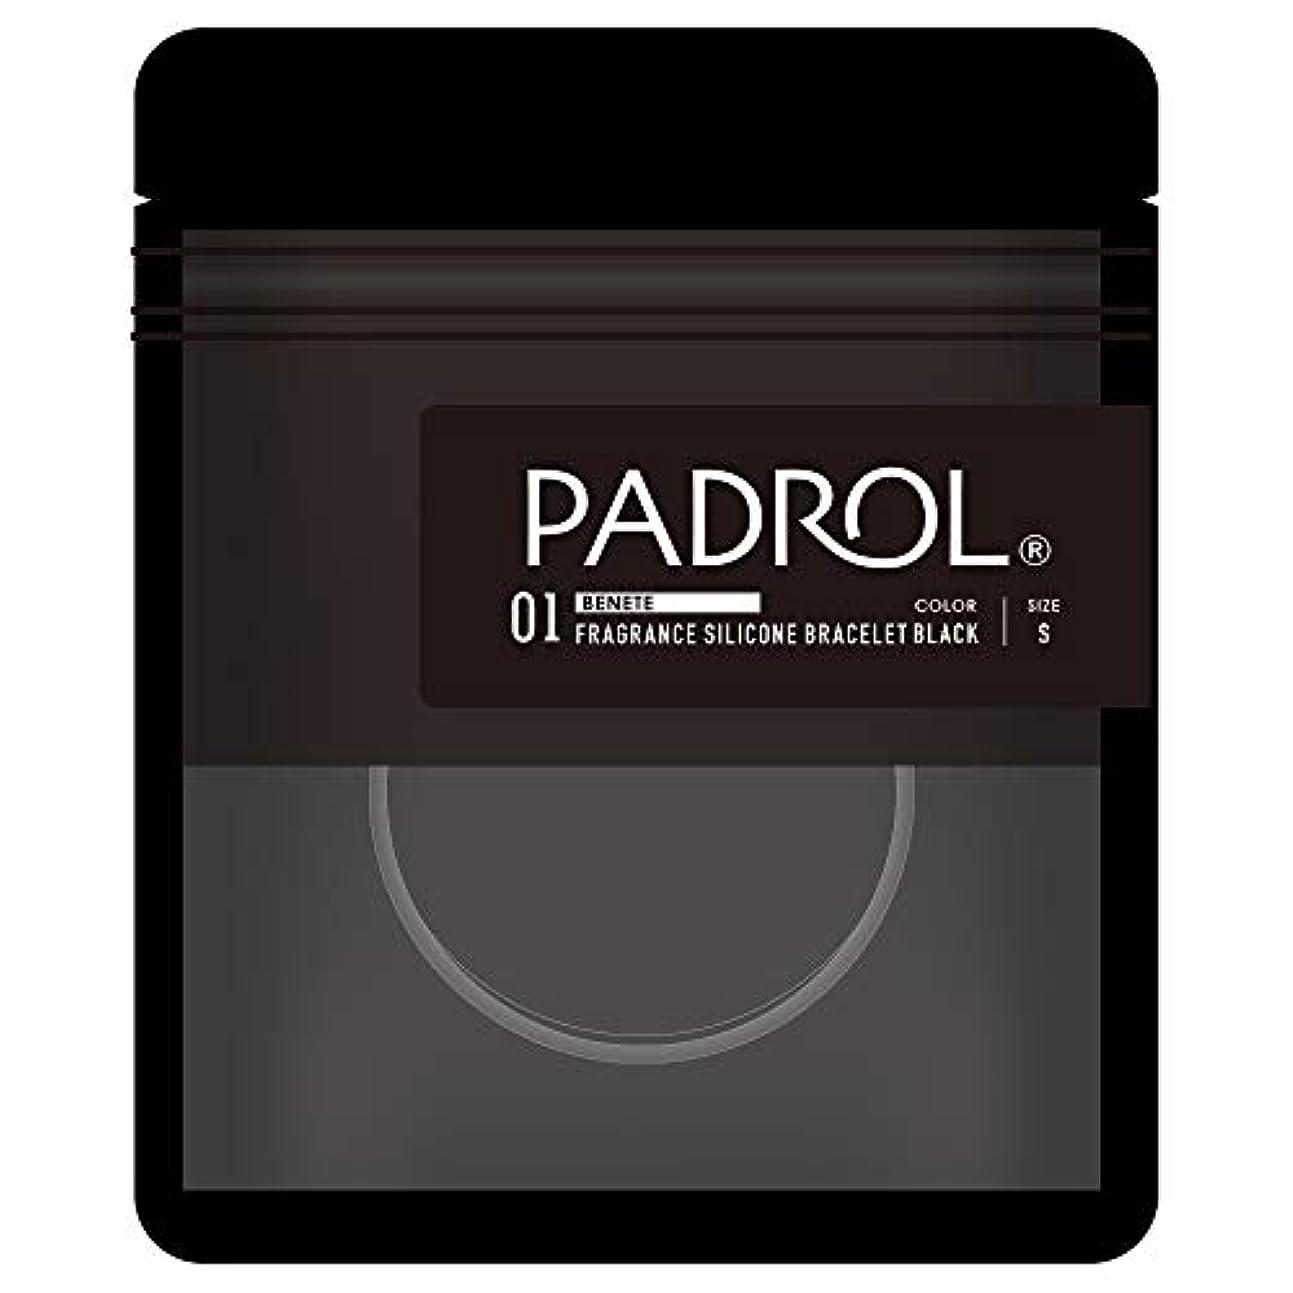 PADROL フレグランス ブレスレット ホワイトムスクの香り シリコン Sサイズ ブラック PAD-13-03